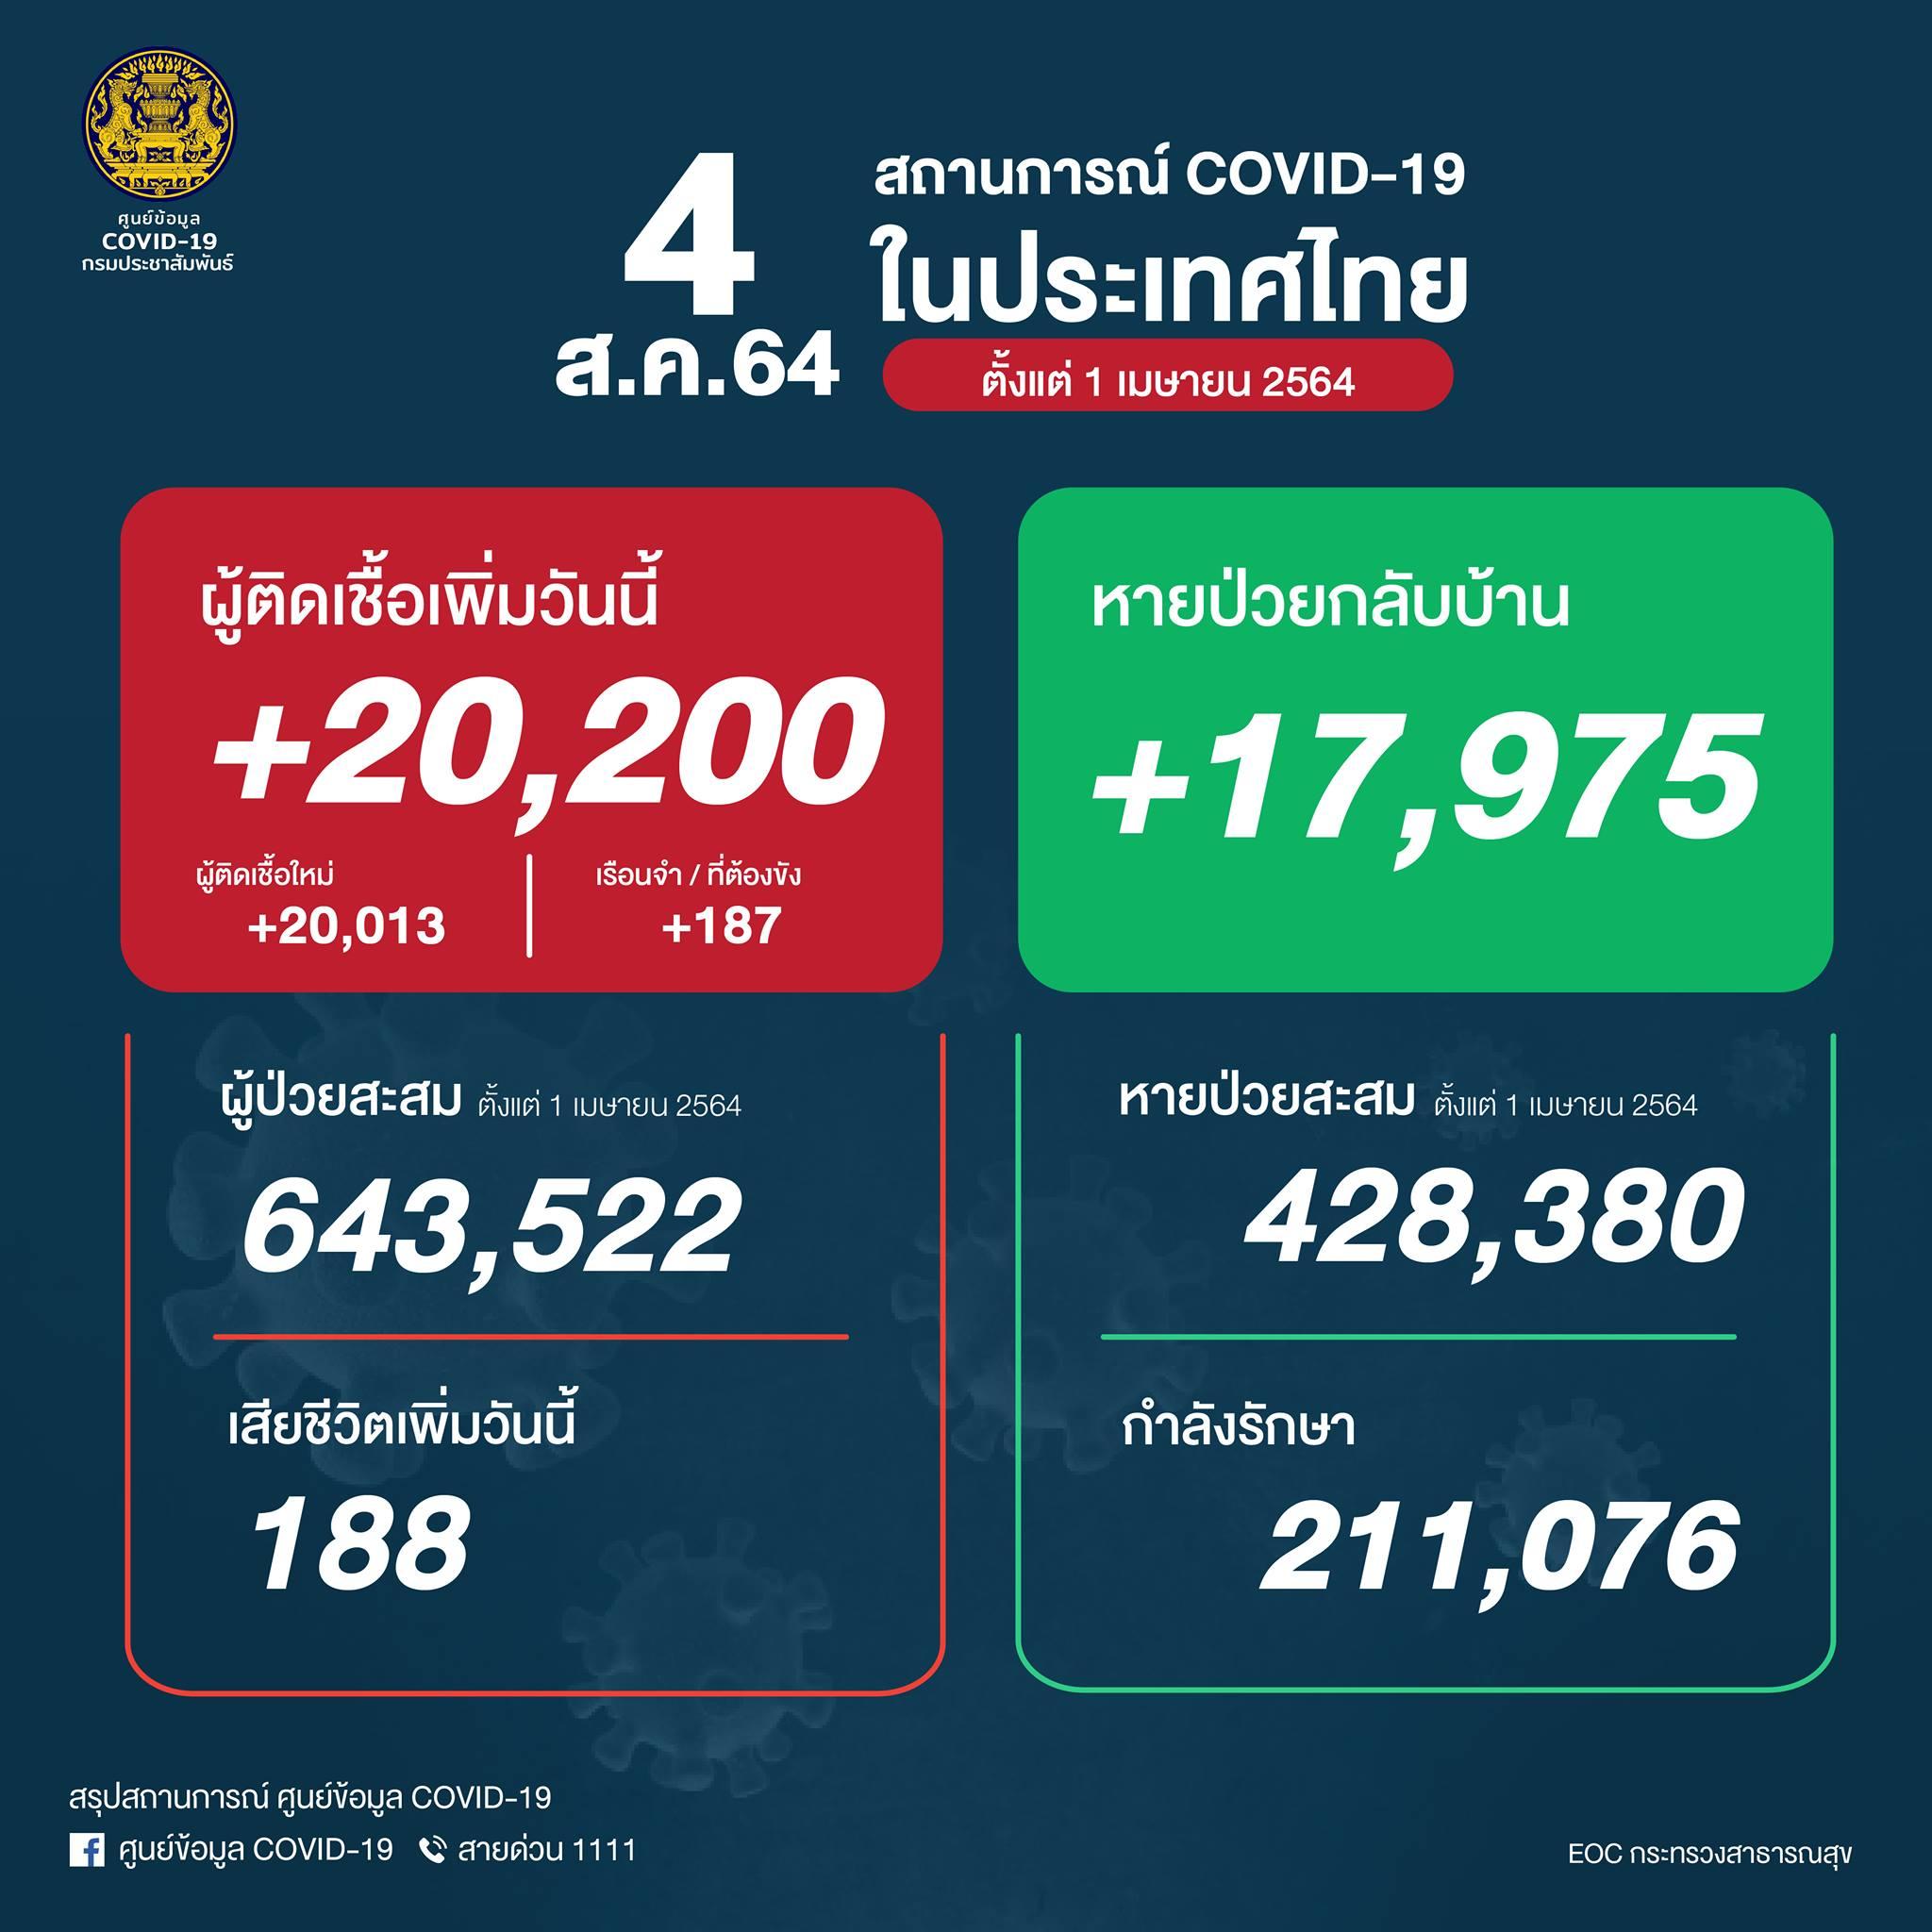 タイ過去最多の陽性者2万人超え、 188人死亡[2021/8/4]